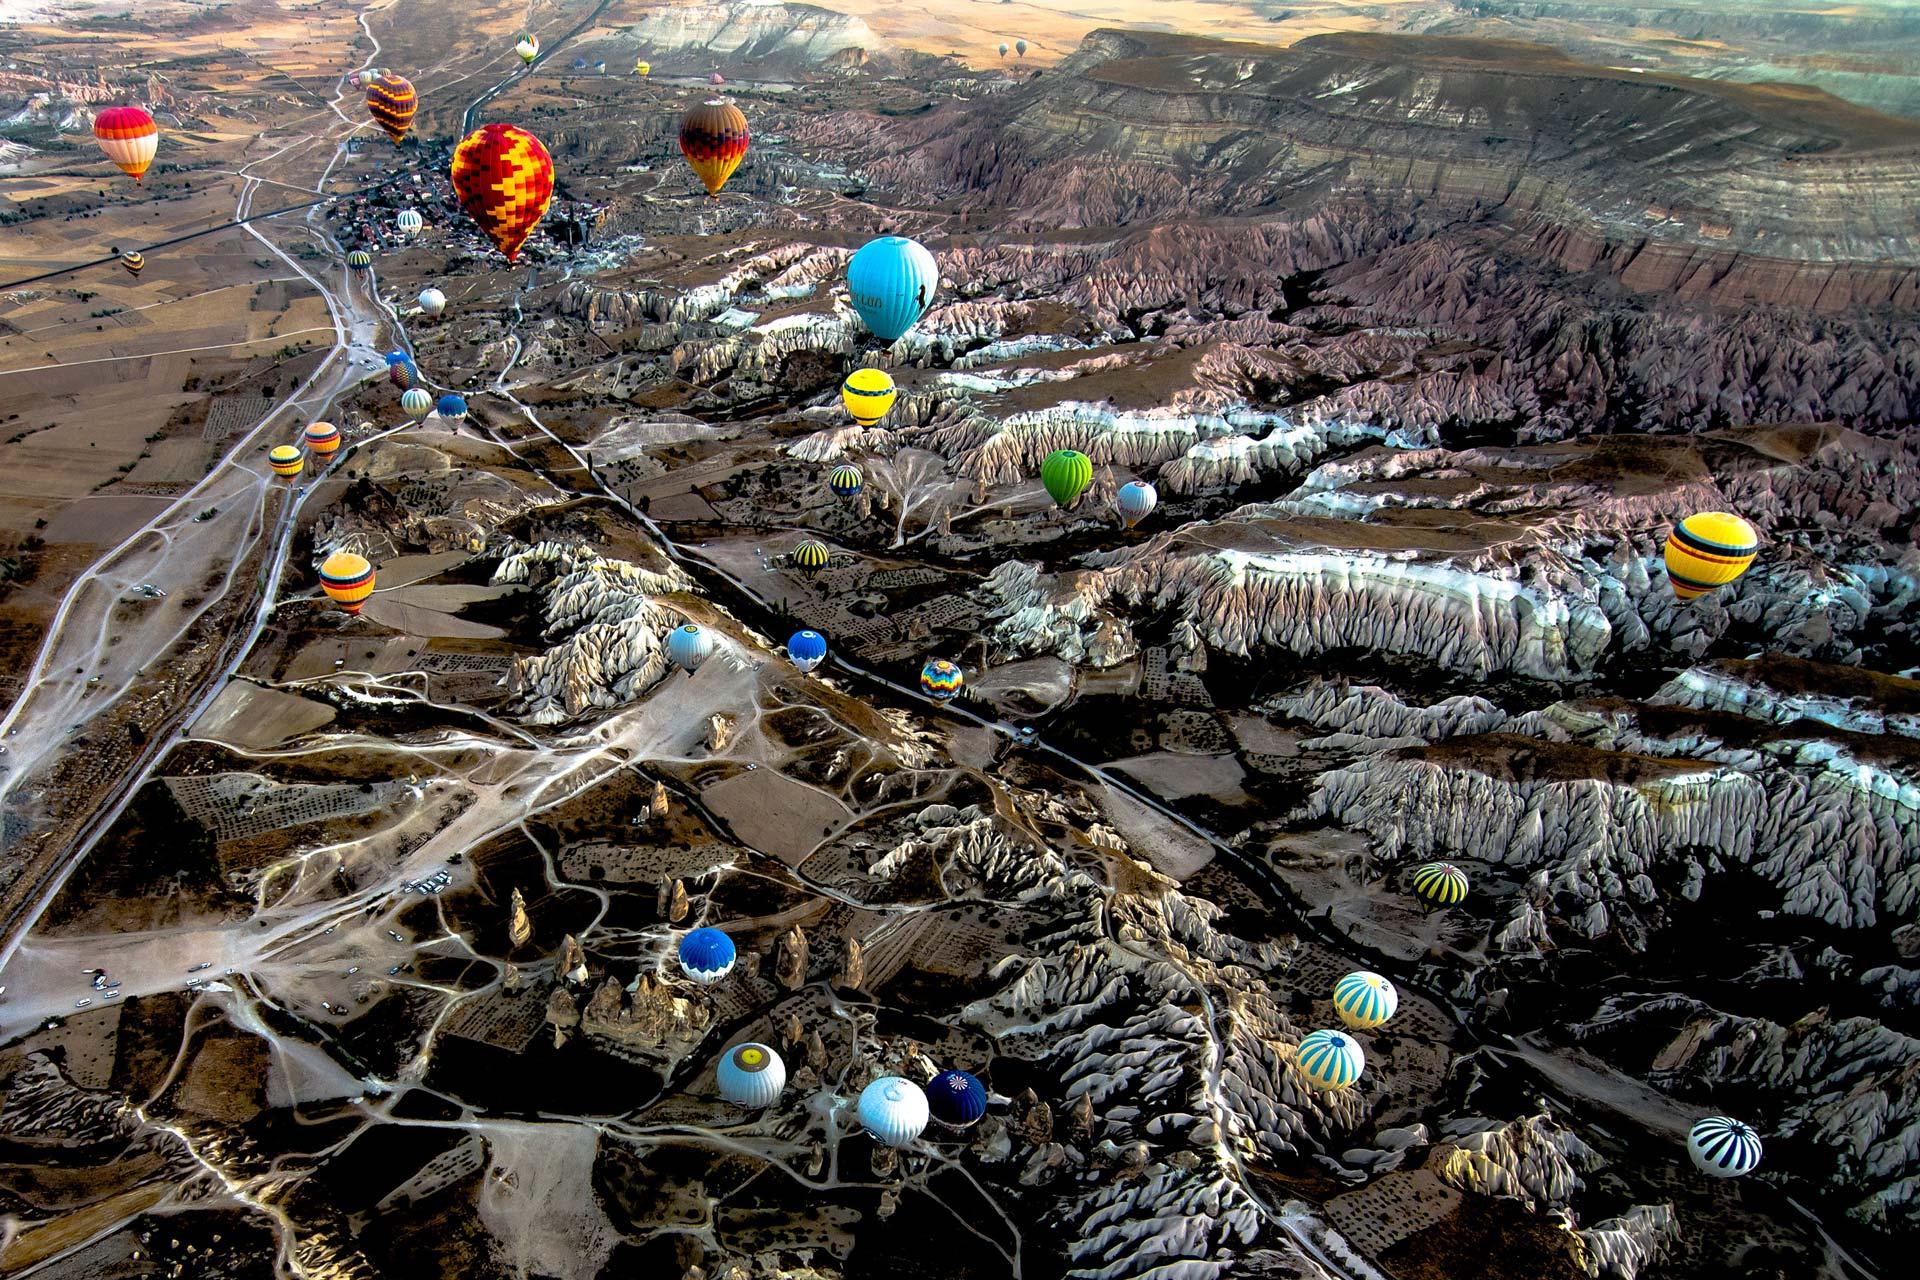 Reisefotografie - Ballons und Landschaft